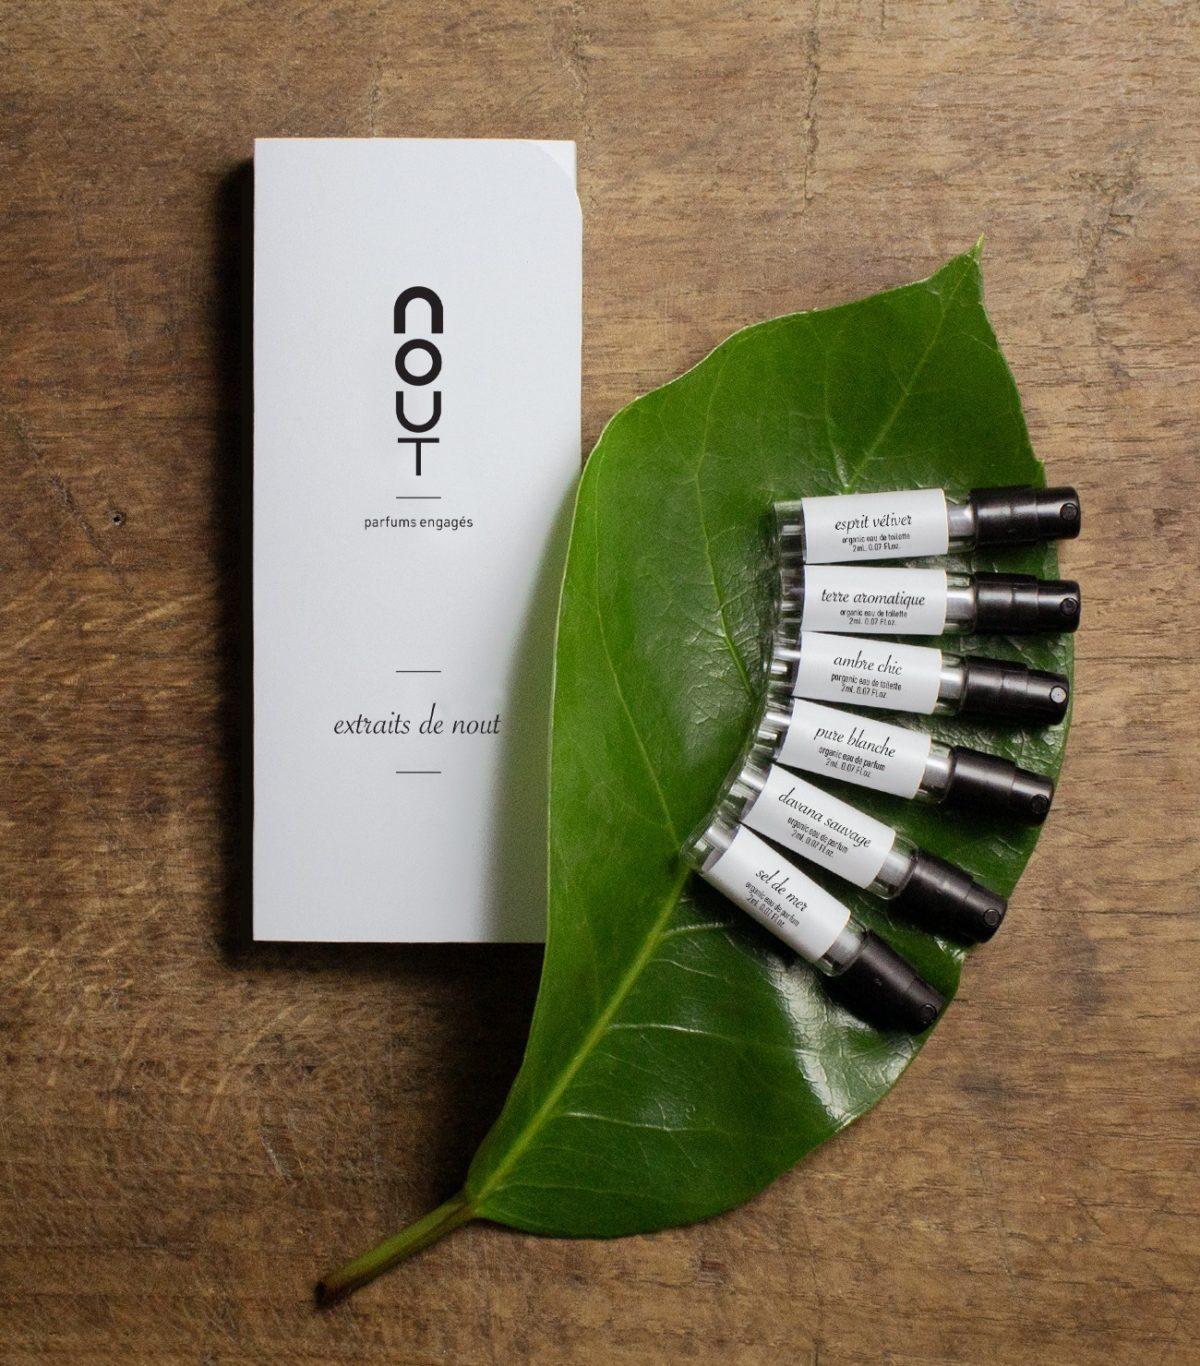 discovery set - Nout parfum